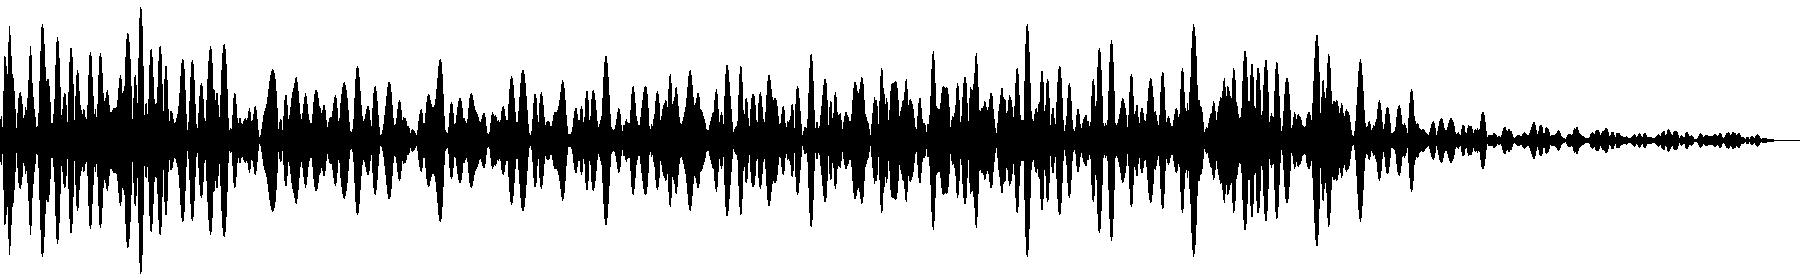 vedh synth cut 230 fm7